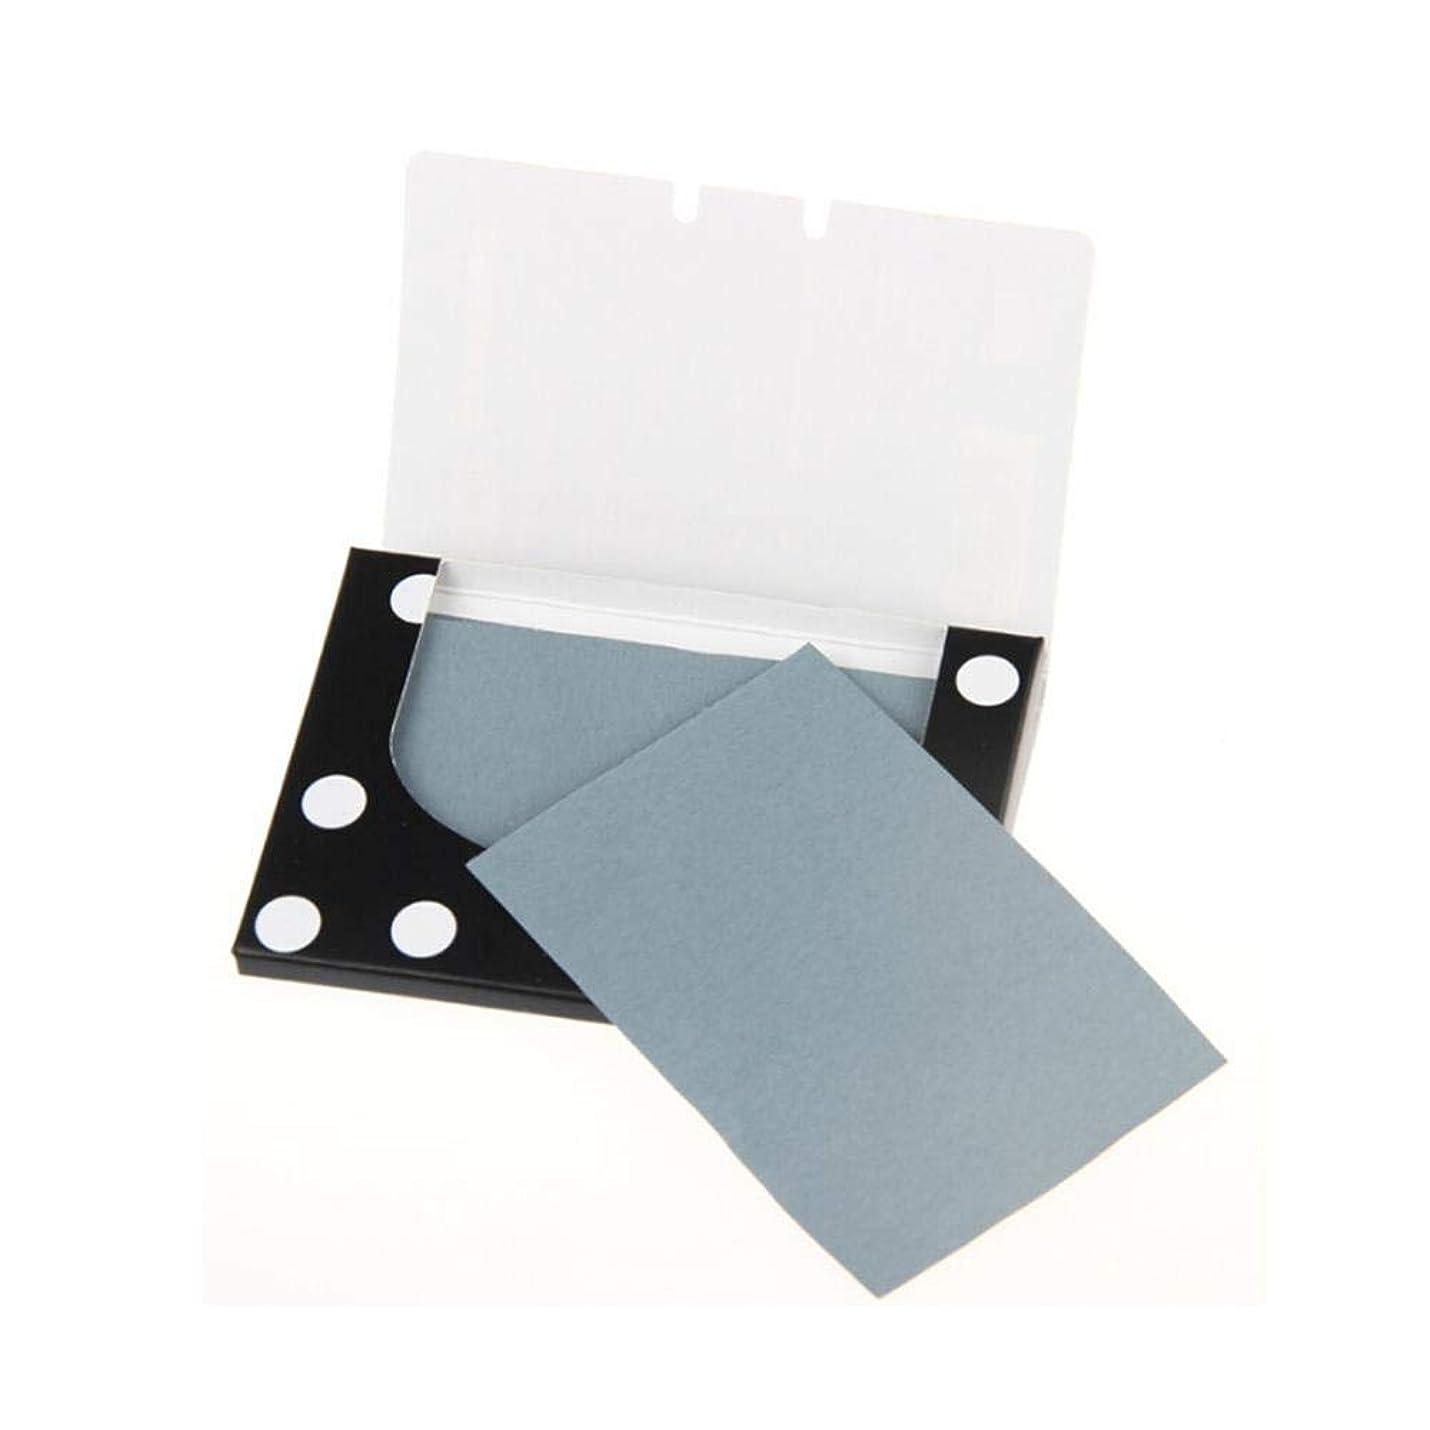 抑圧するおネックレットDC 顔面吸油紙 フィルムフェイシャルオイルコントロールペーパー 男性専用吸油紙 コントロールシートフェイスクリーン